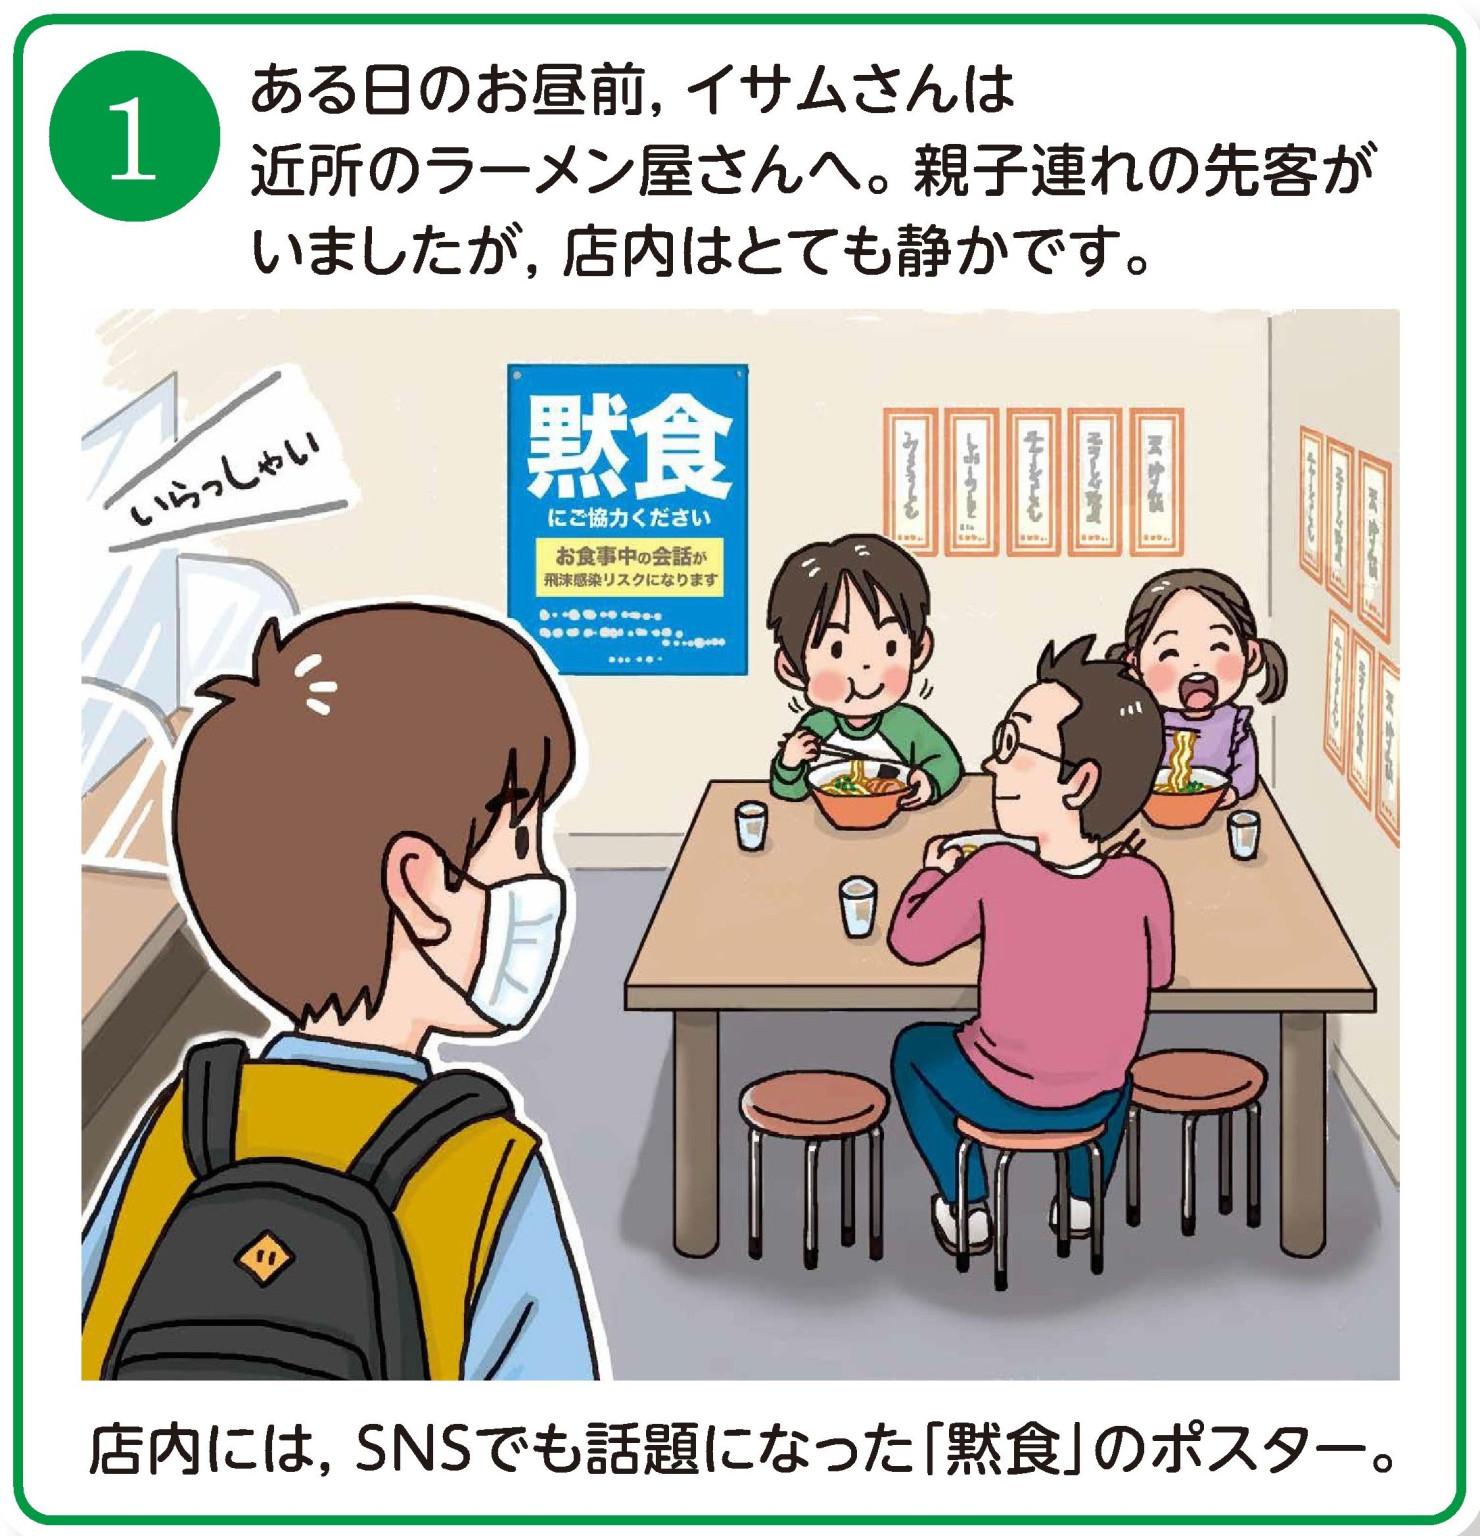 Kyoto-silent-eating-mokushoku-manga-comic-1.jpg